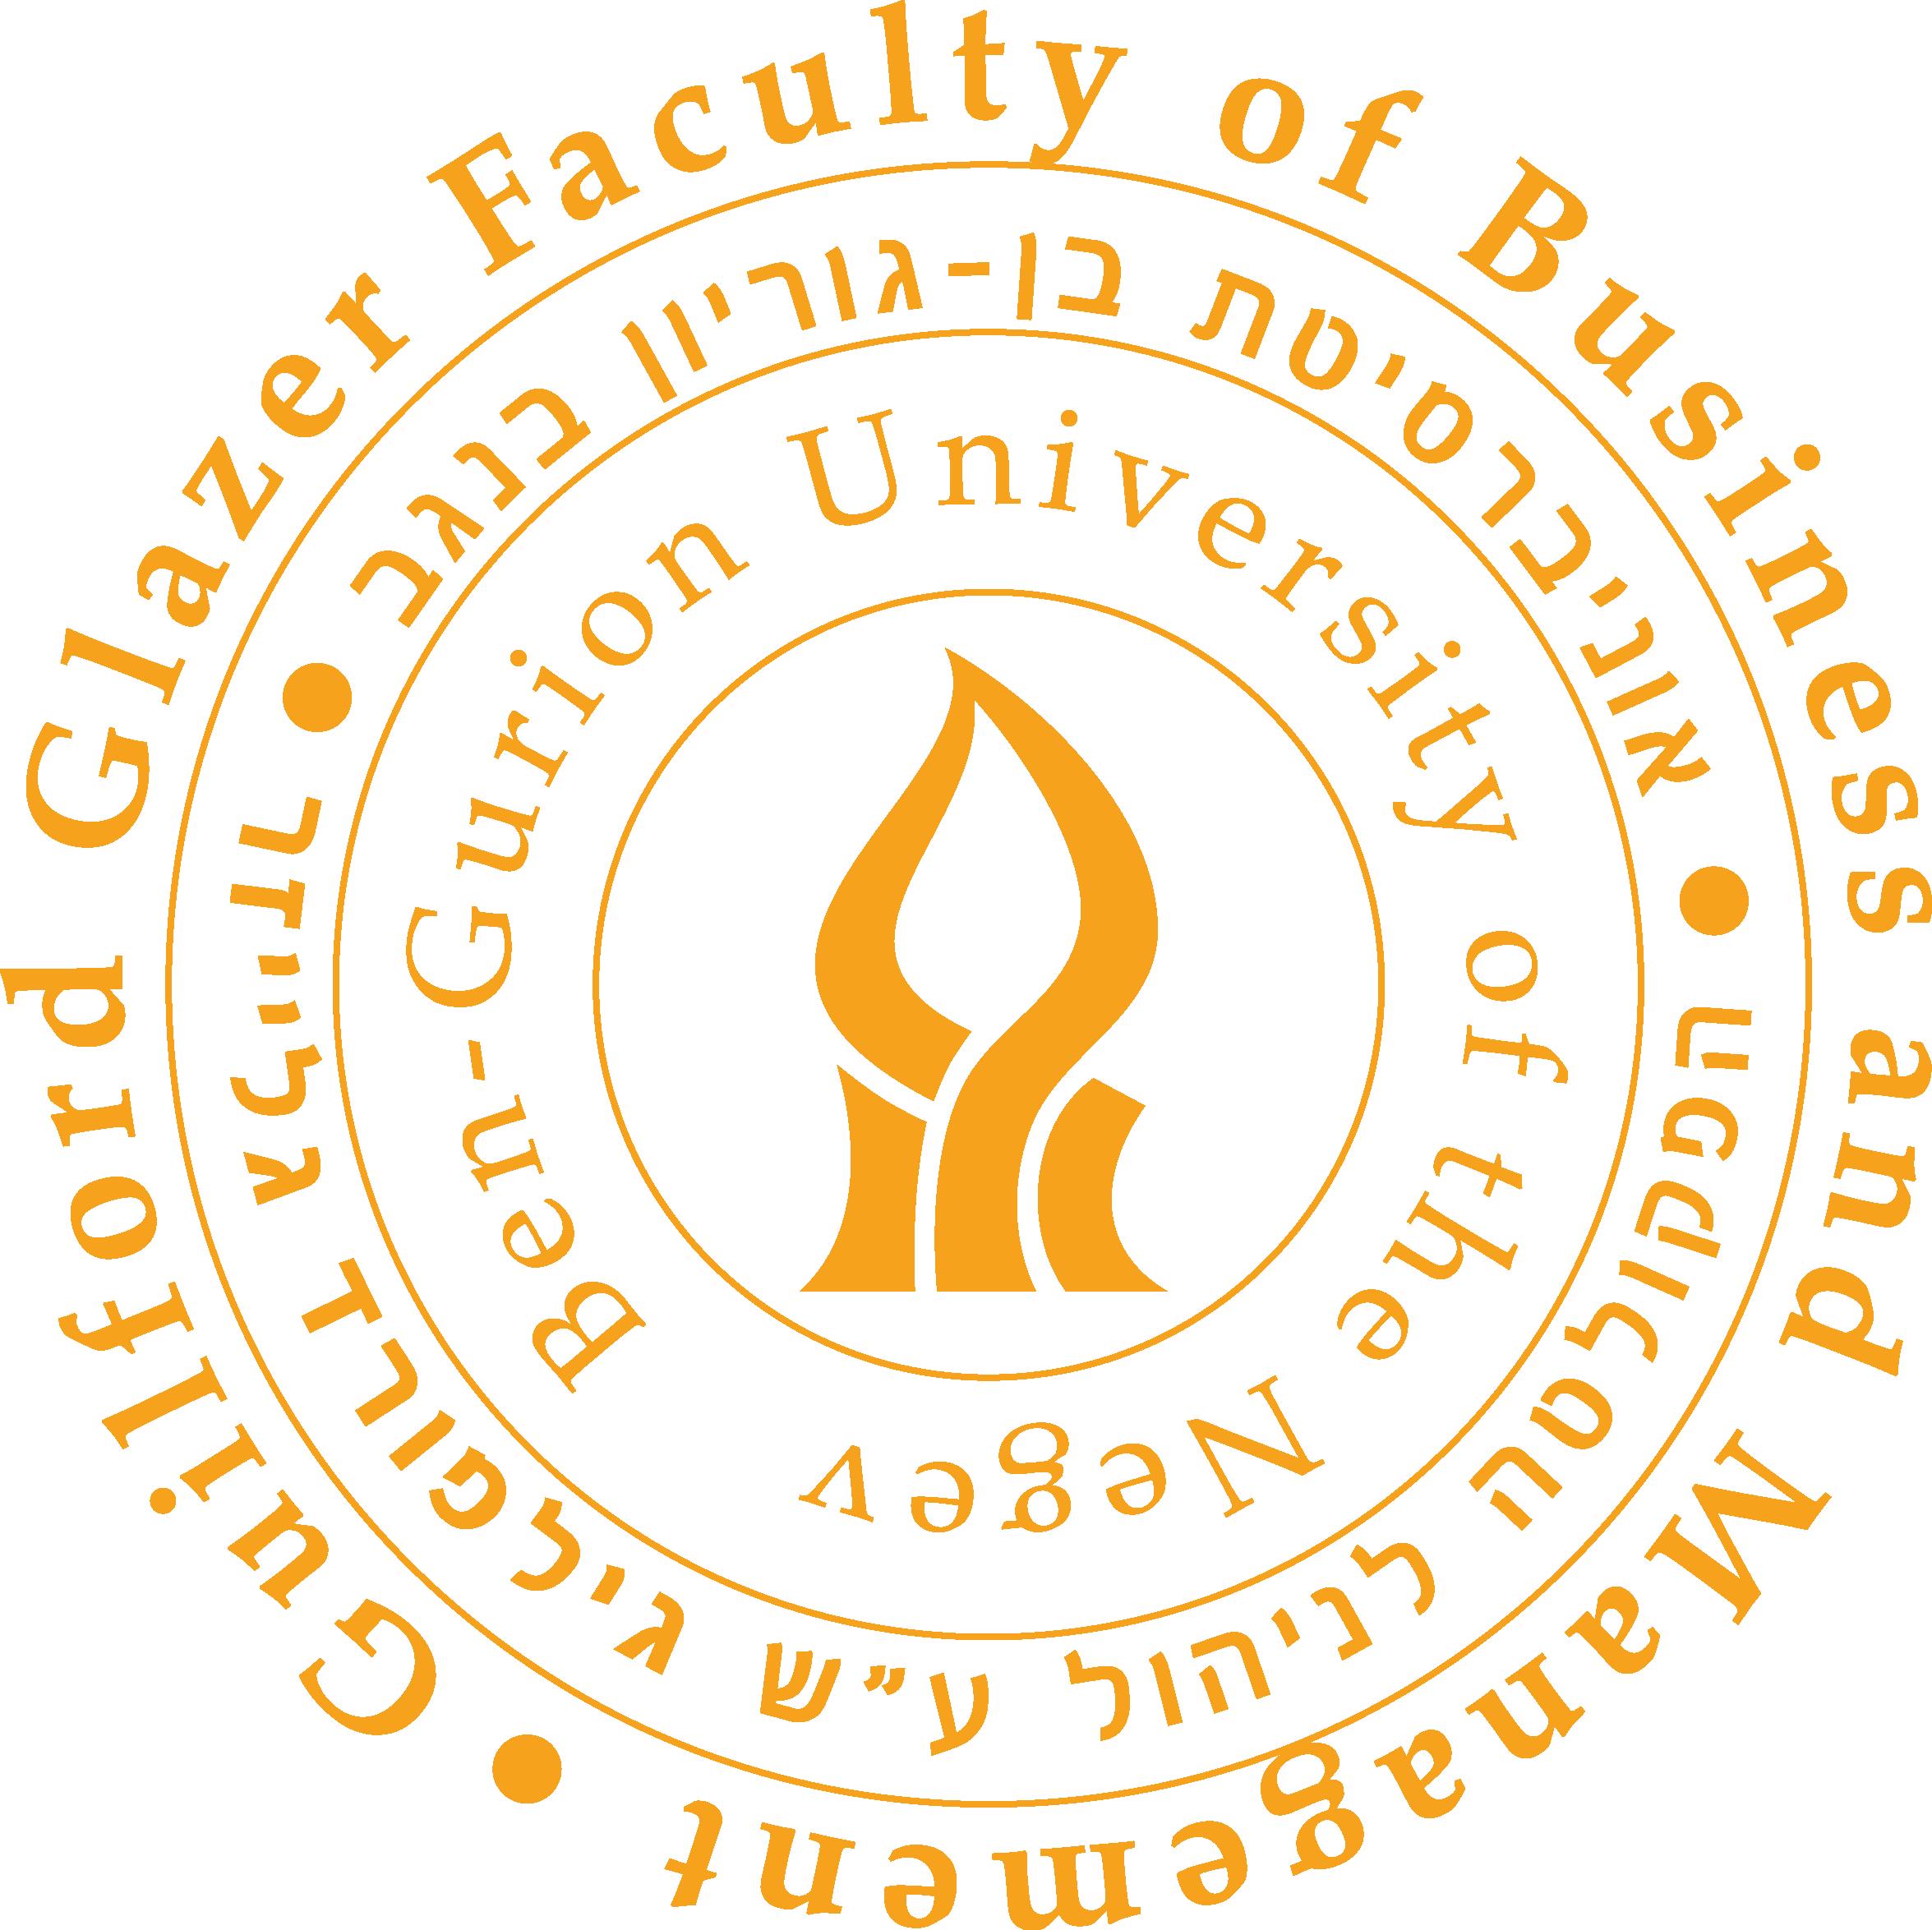 קיימות, עסקים ומה שביניהם, יום עיון בפקולטה לניהול באוניברסיטת בן-גוריון